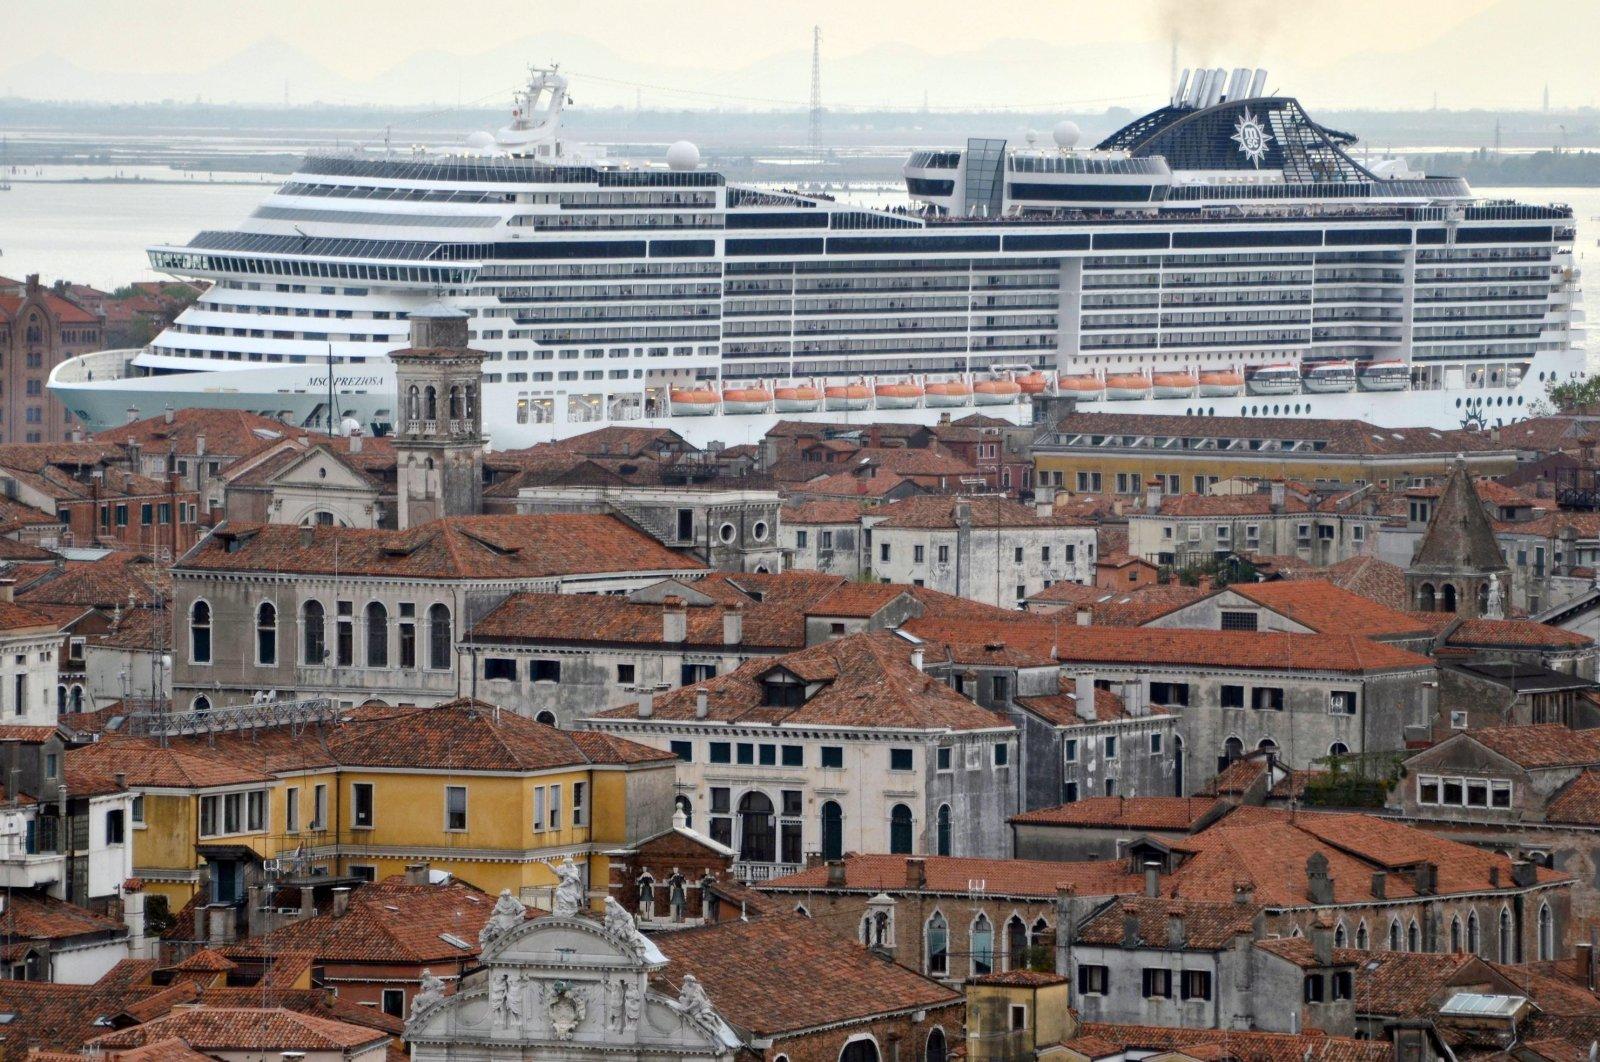 """The cruise ship """"MSC Preziosa"""" navigating in the Canale della Giudecca, Venice, Italy, April 5, 2014 (reissued 26 March 2021). (EPA Photo)"""